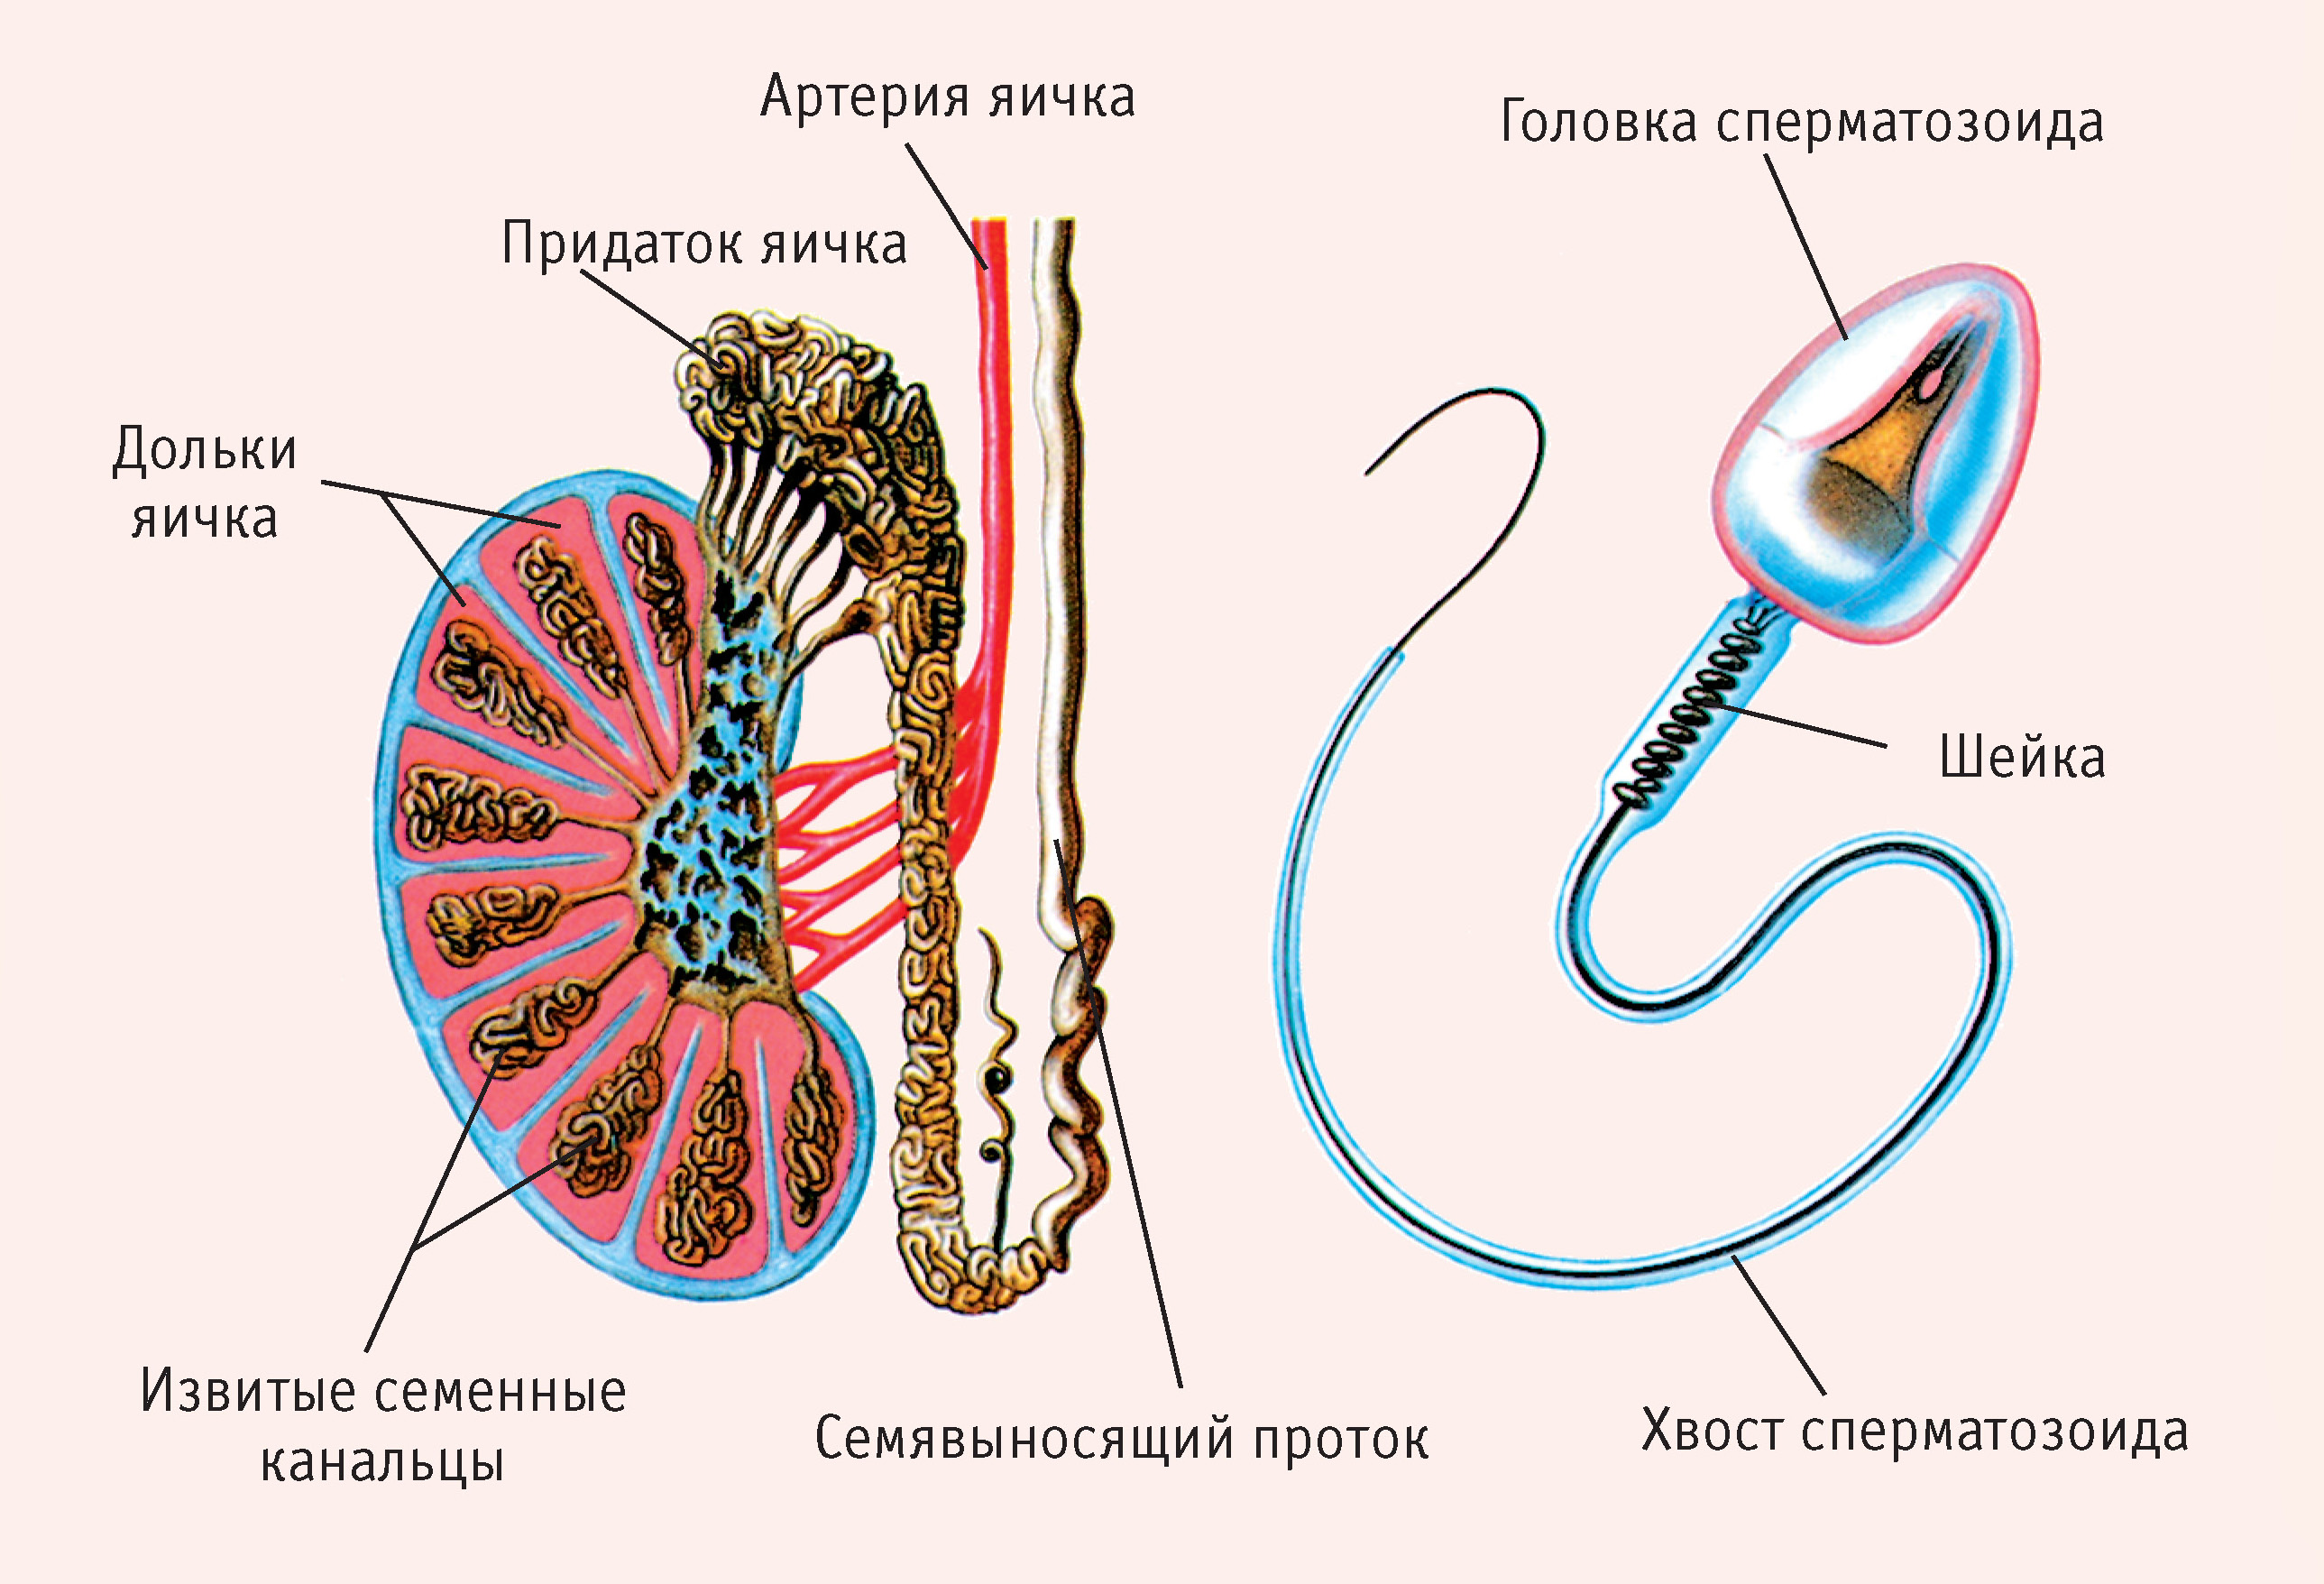 Сперматозоидов с быстрым поступательным движением нет